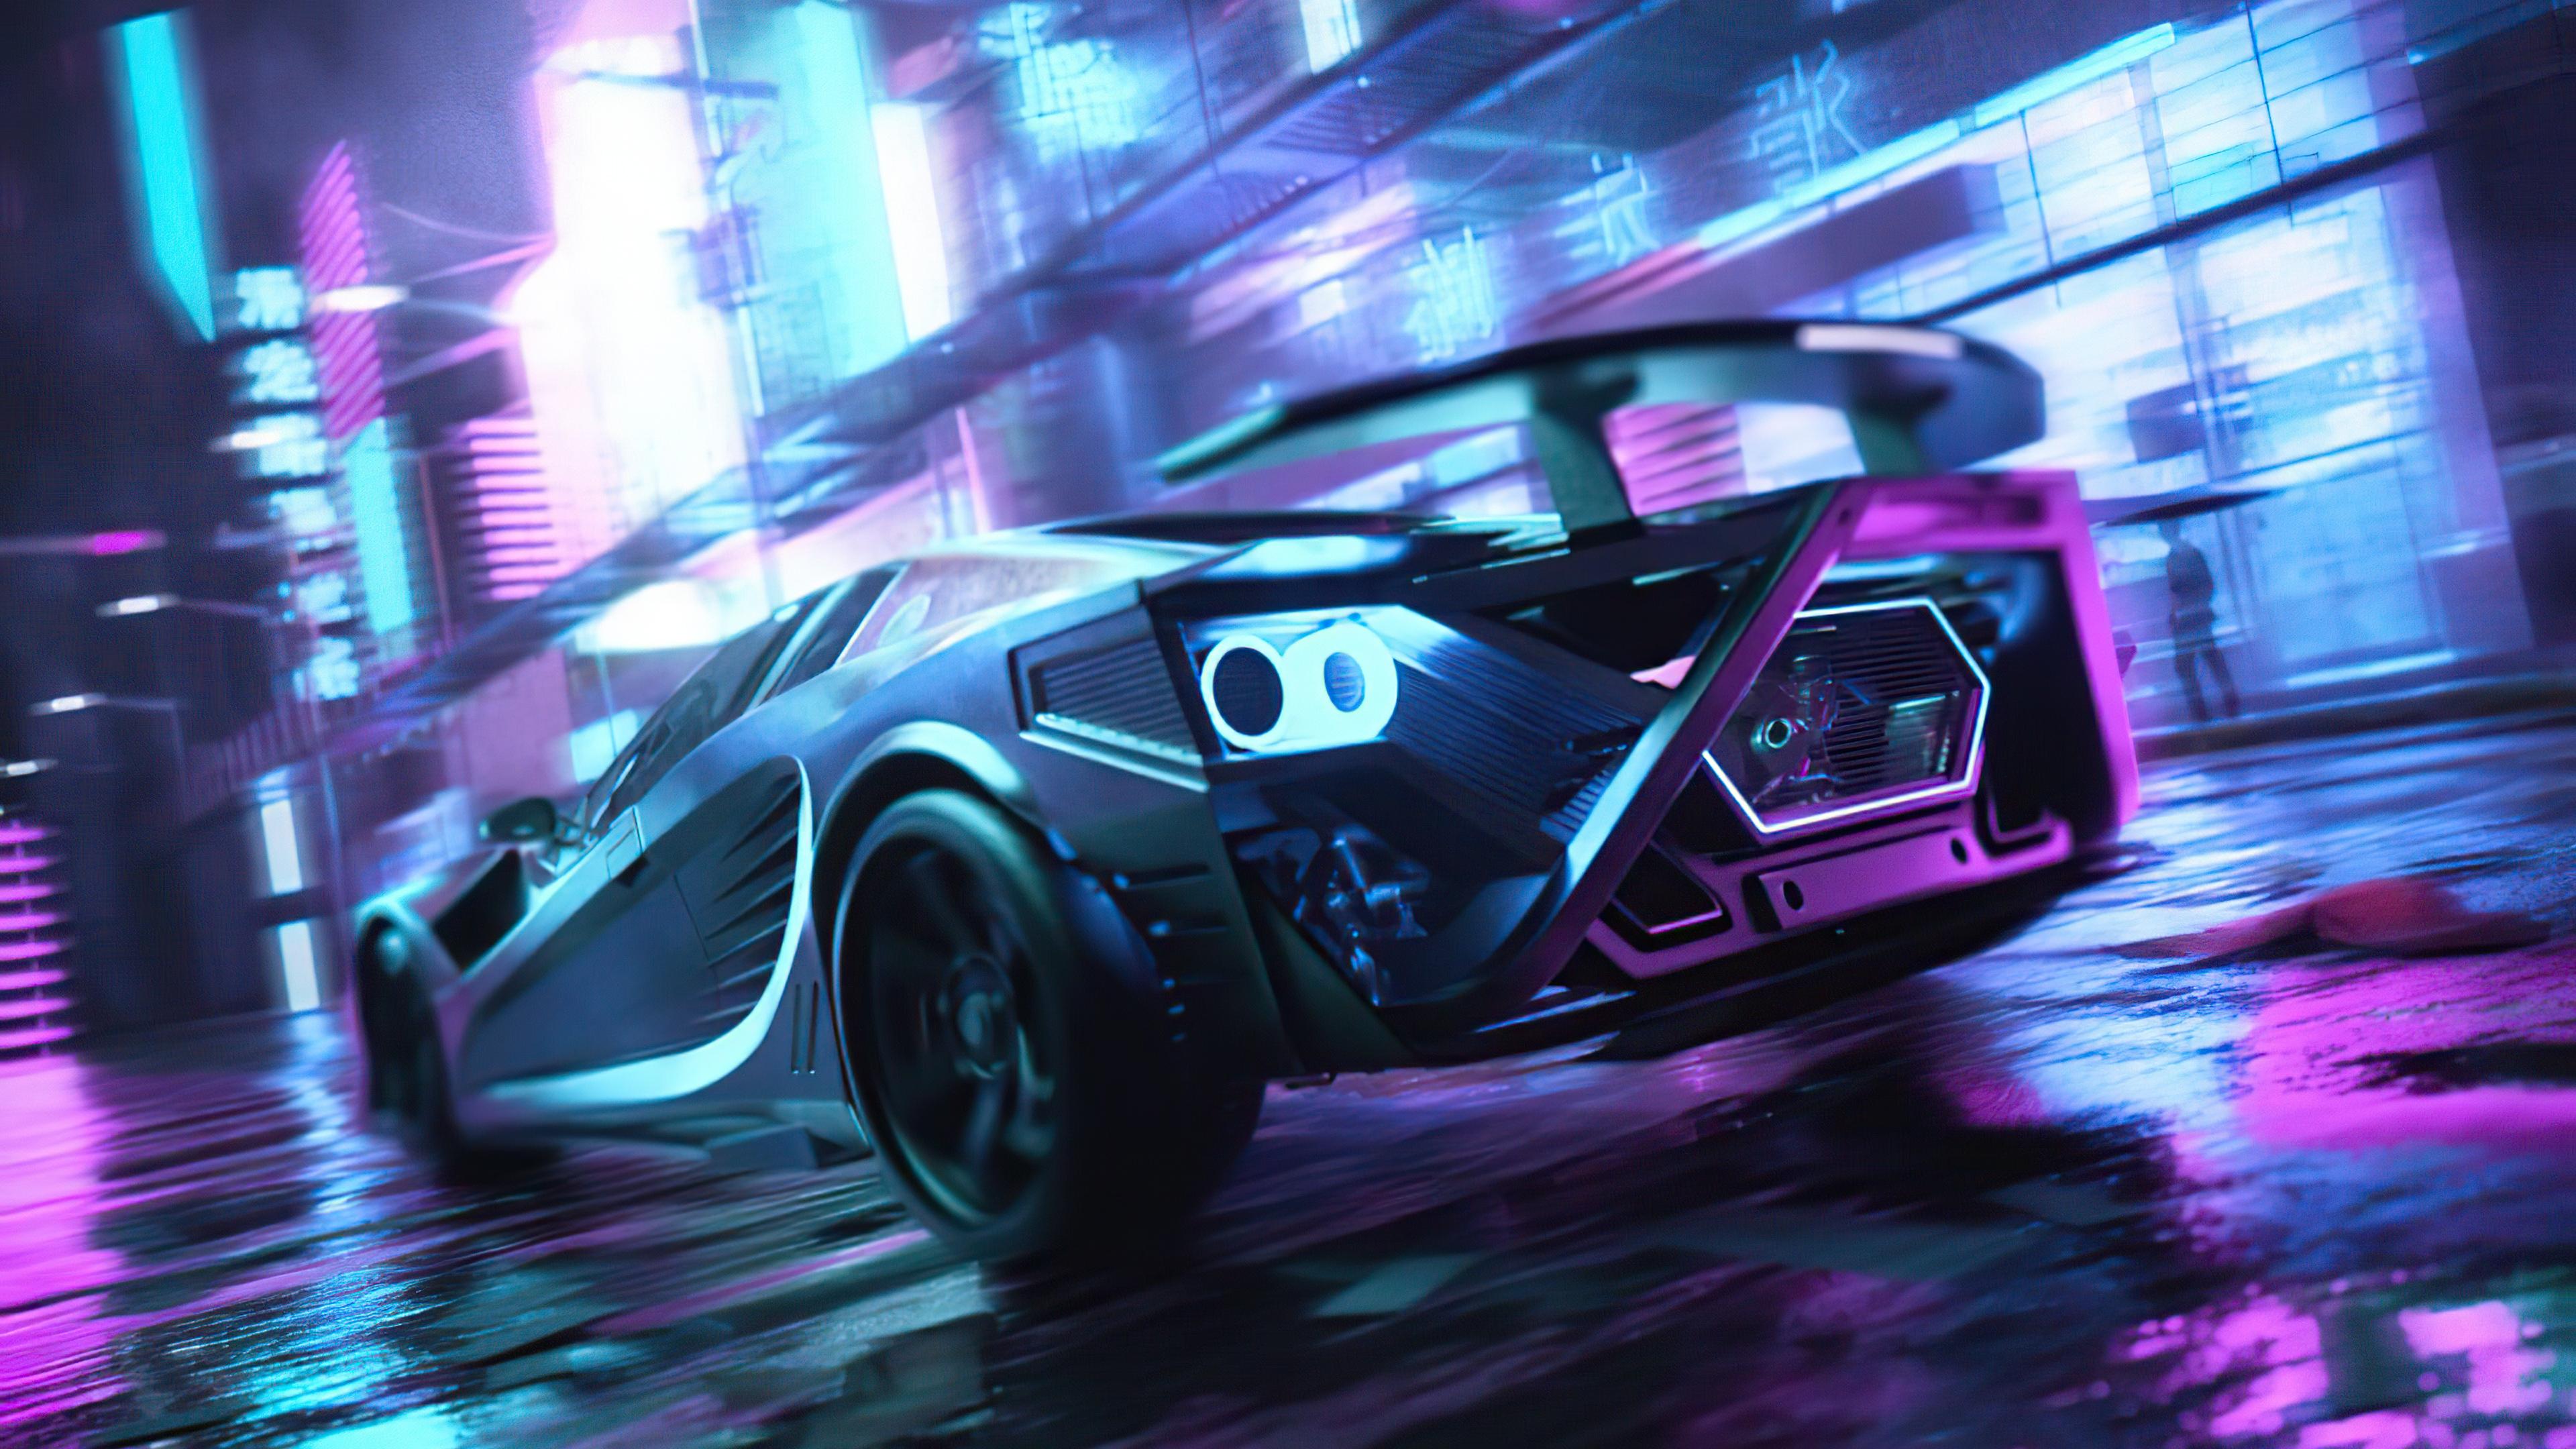 scifi neon cars on street 4k 1608819856 - Scifi Neon Cars On Street 4k - Scifi Neon Cars On Street 4k wallpapers